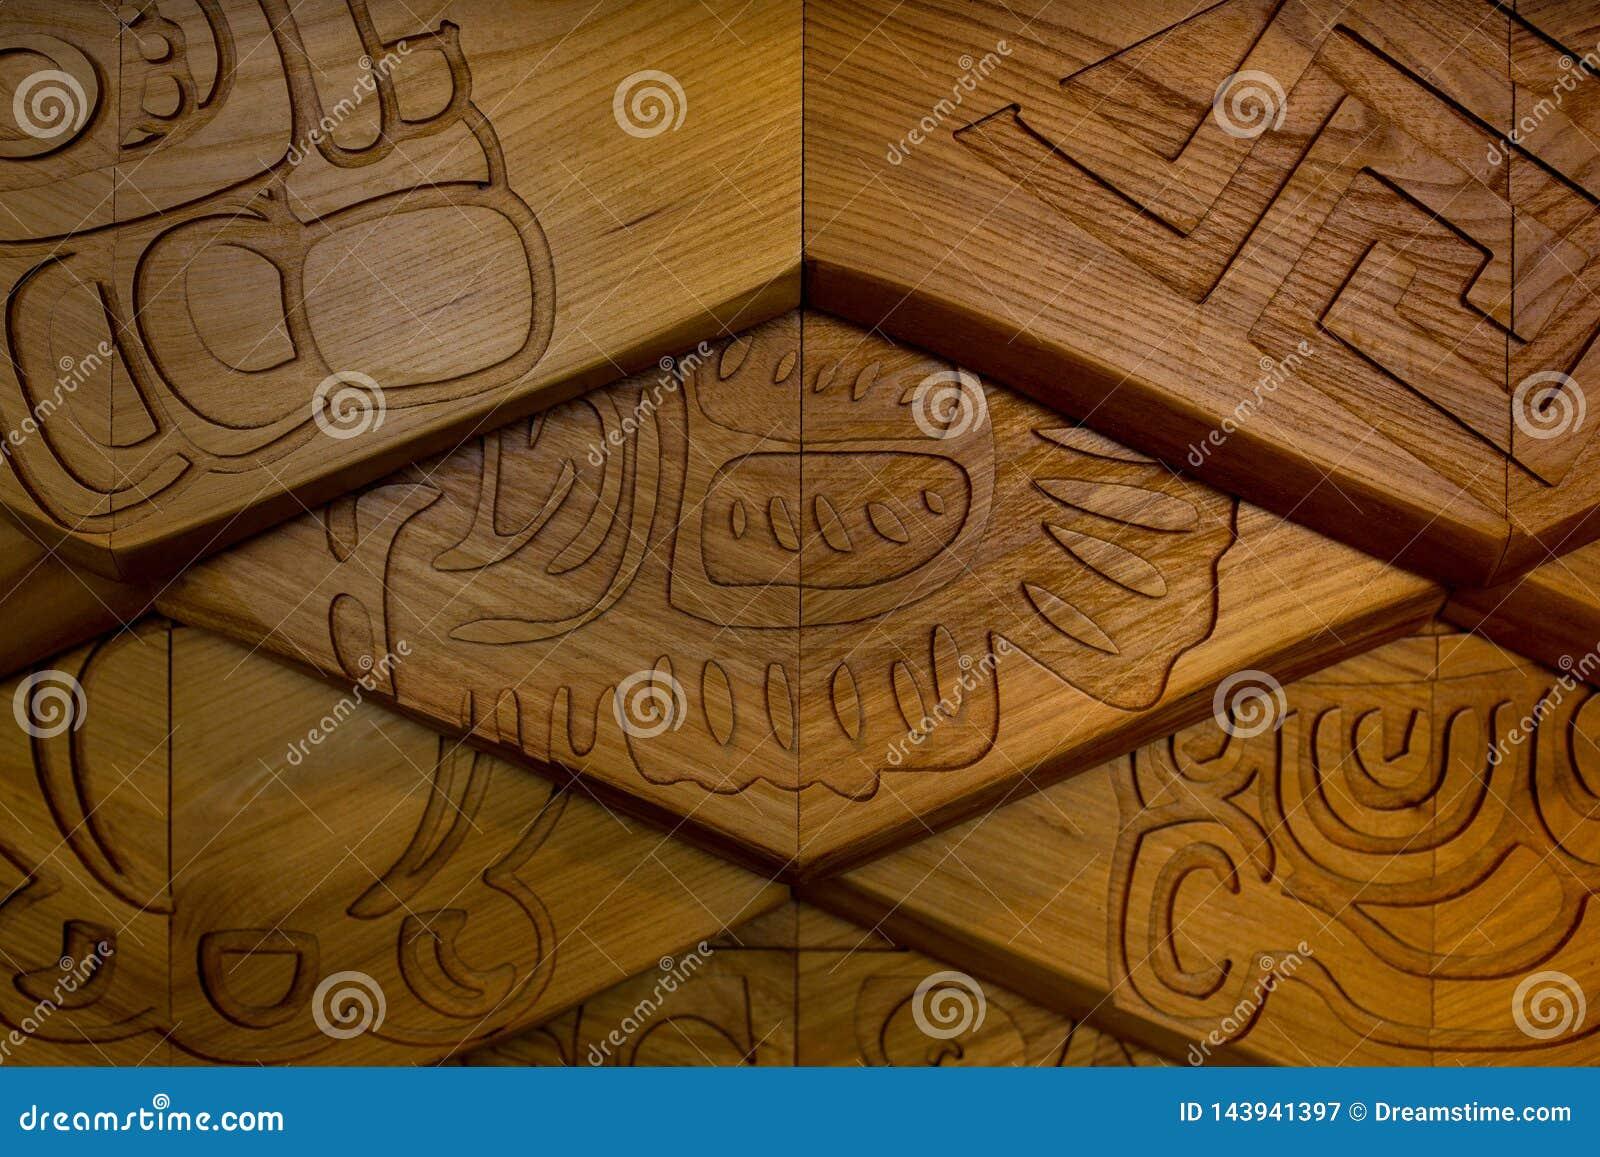 Basrelief för abstrakt modell för trä dekorativ på yttersidan som delen av arkitekturen rhombus bakgrundsbegrepp